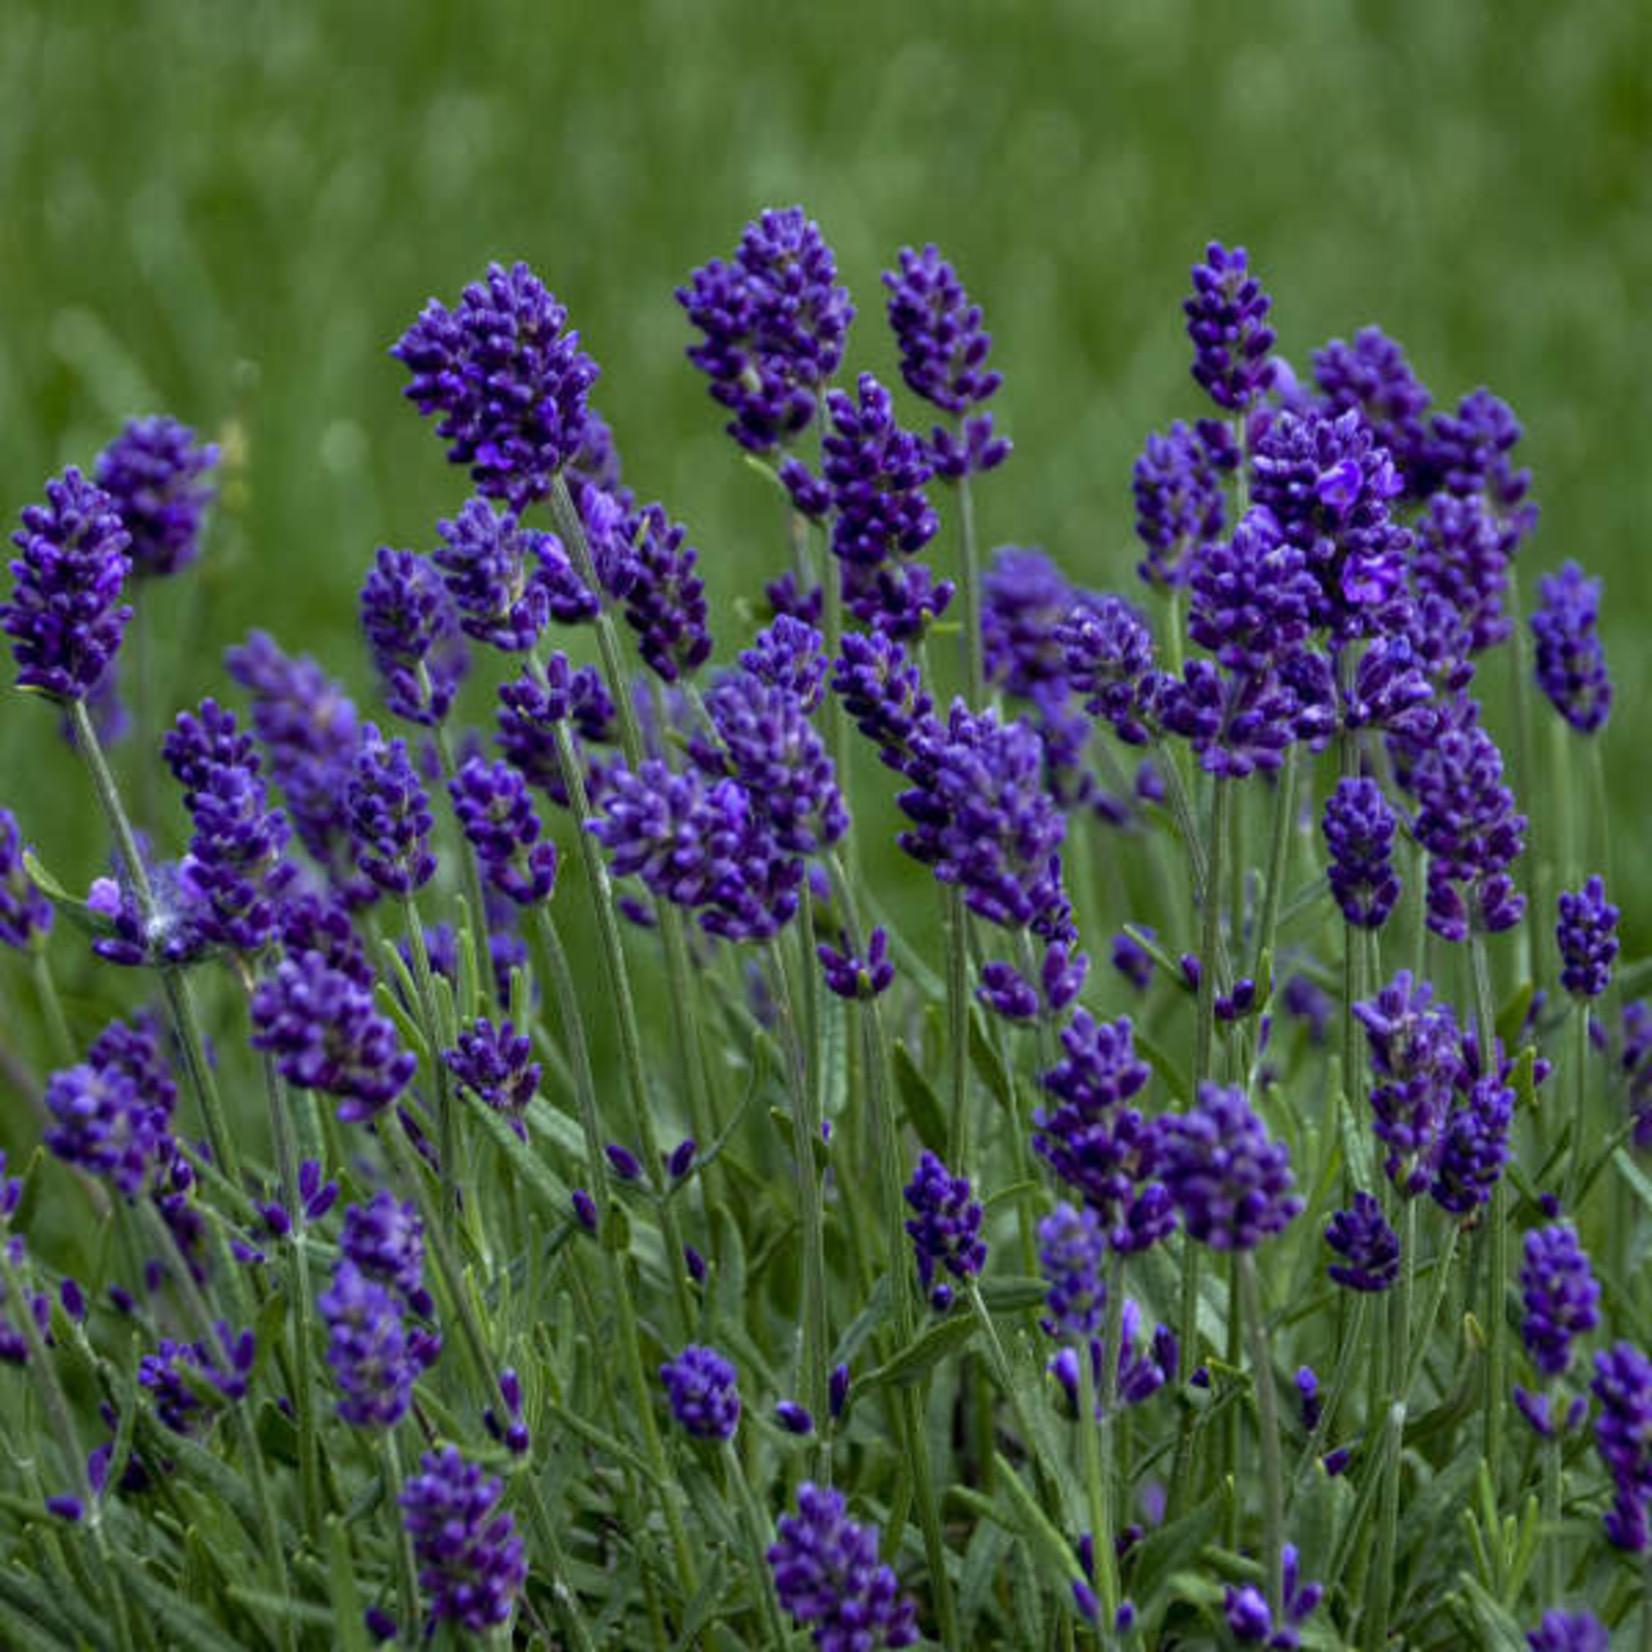 Lavandula 'lavance deep purple' - 1 qt